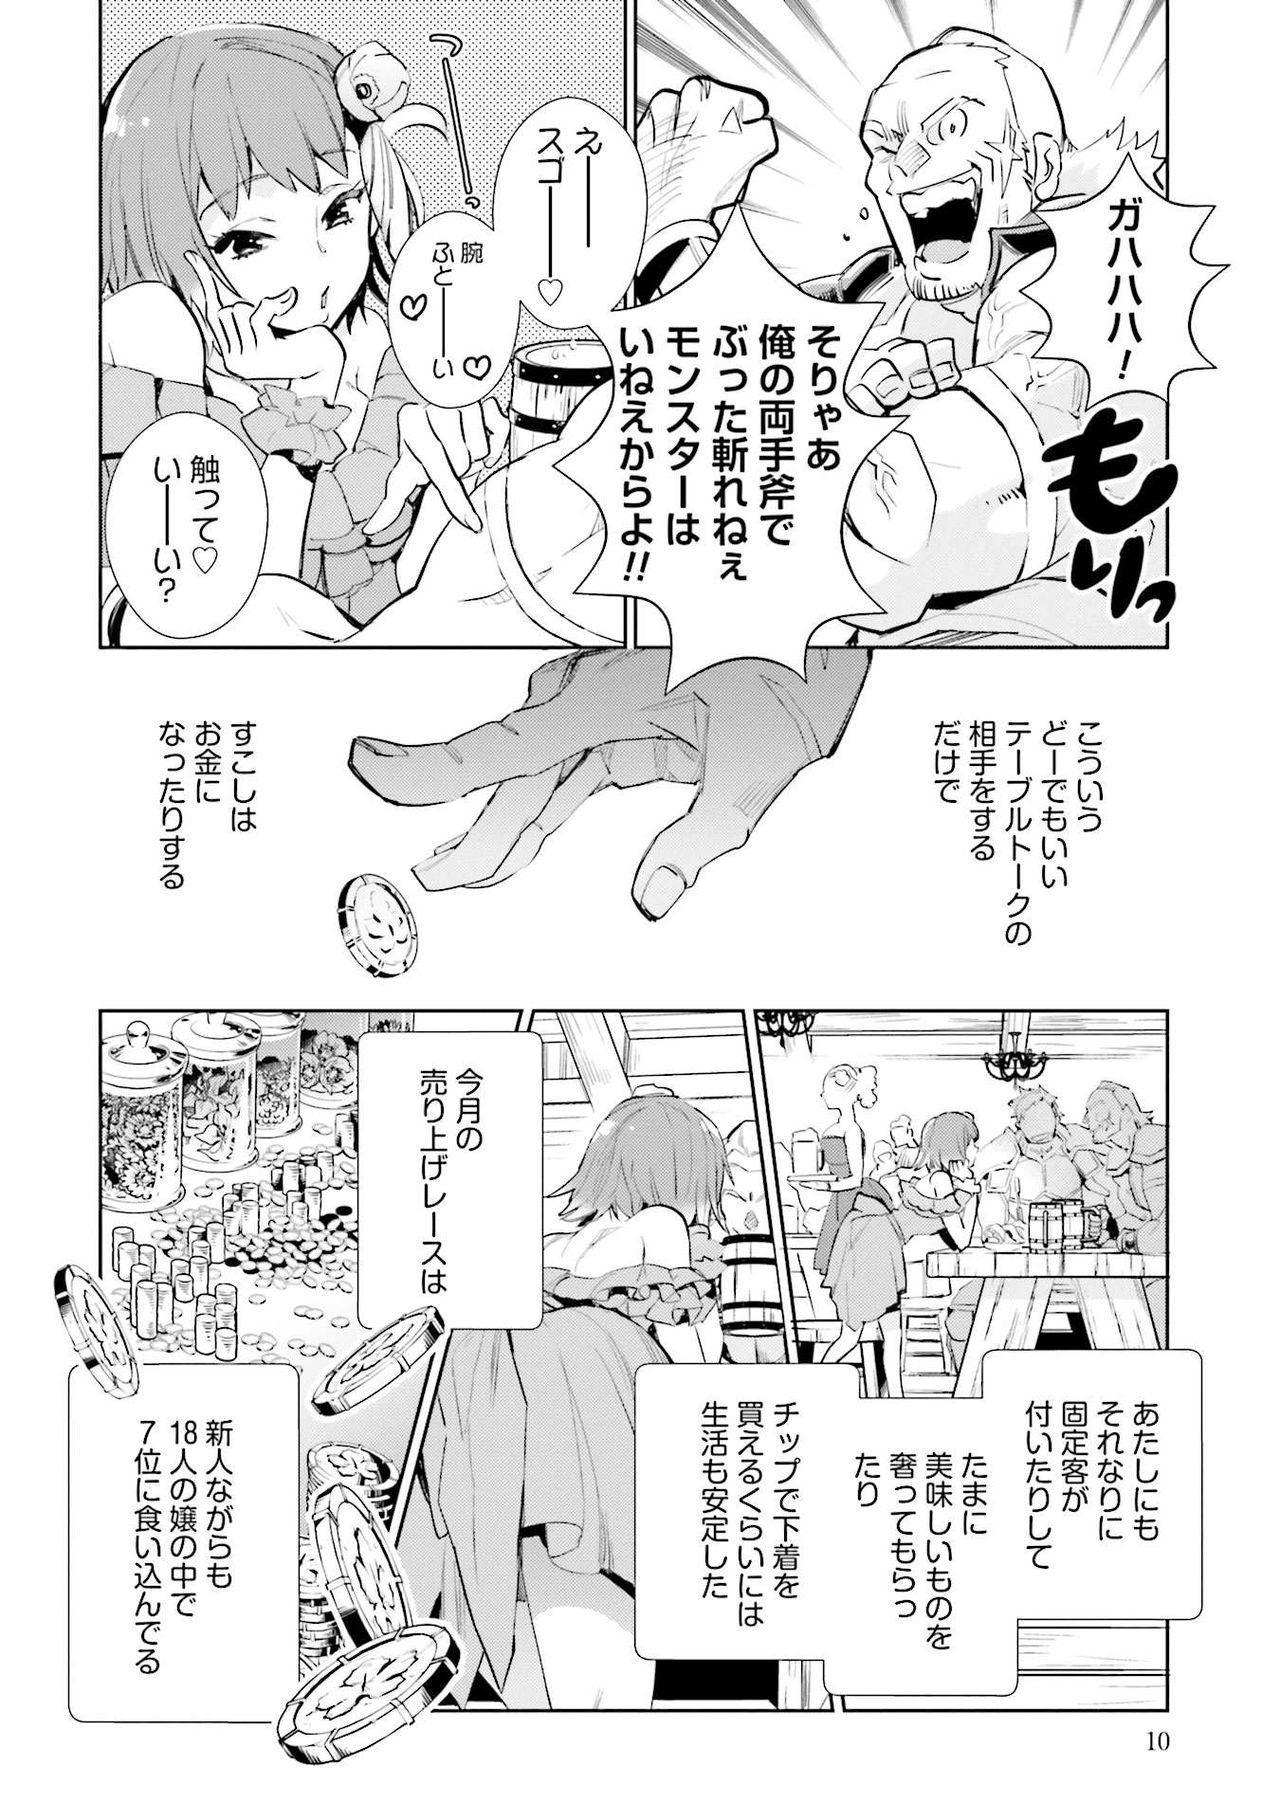 JK Haru wa Isekai de Shoufu ni Natta 1-14 11